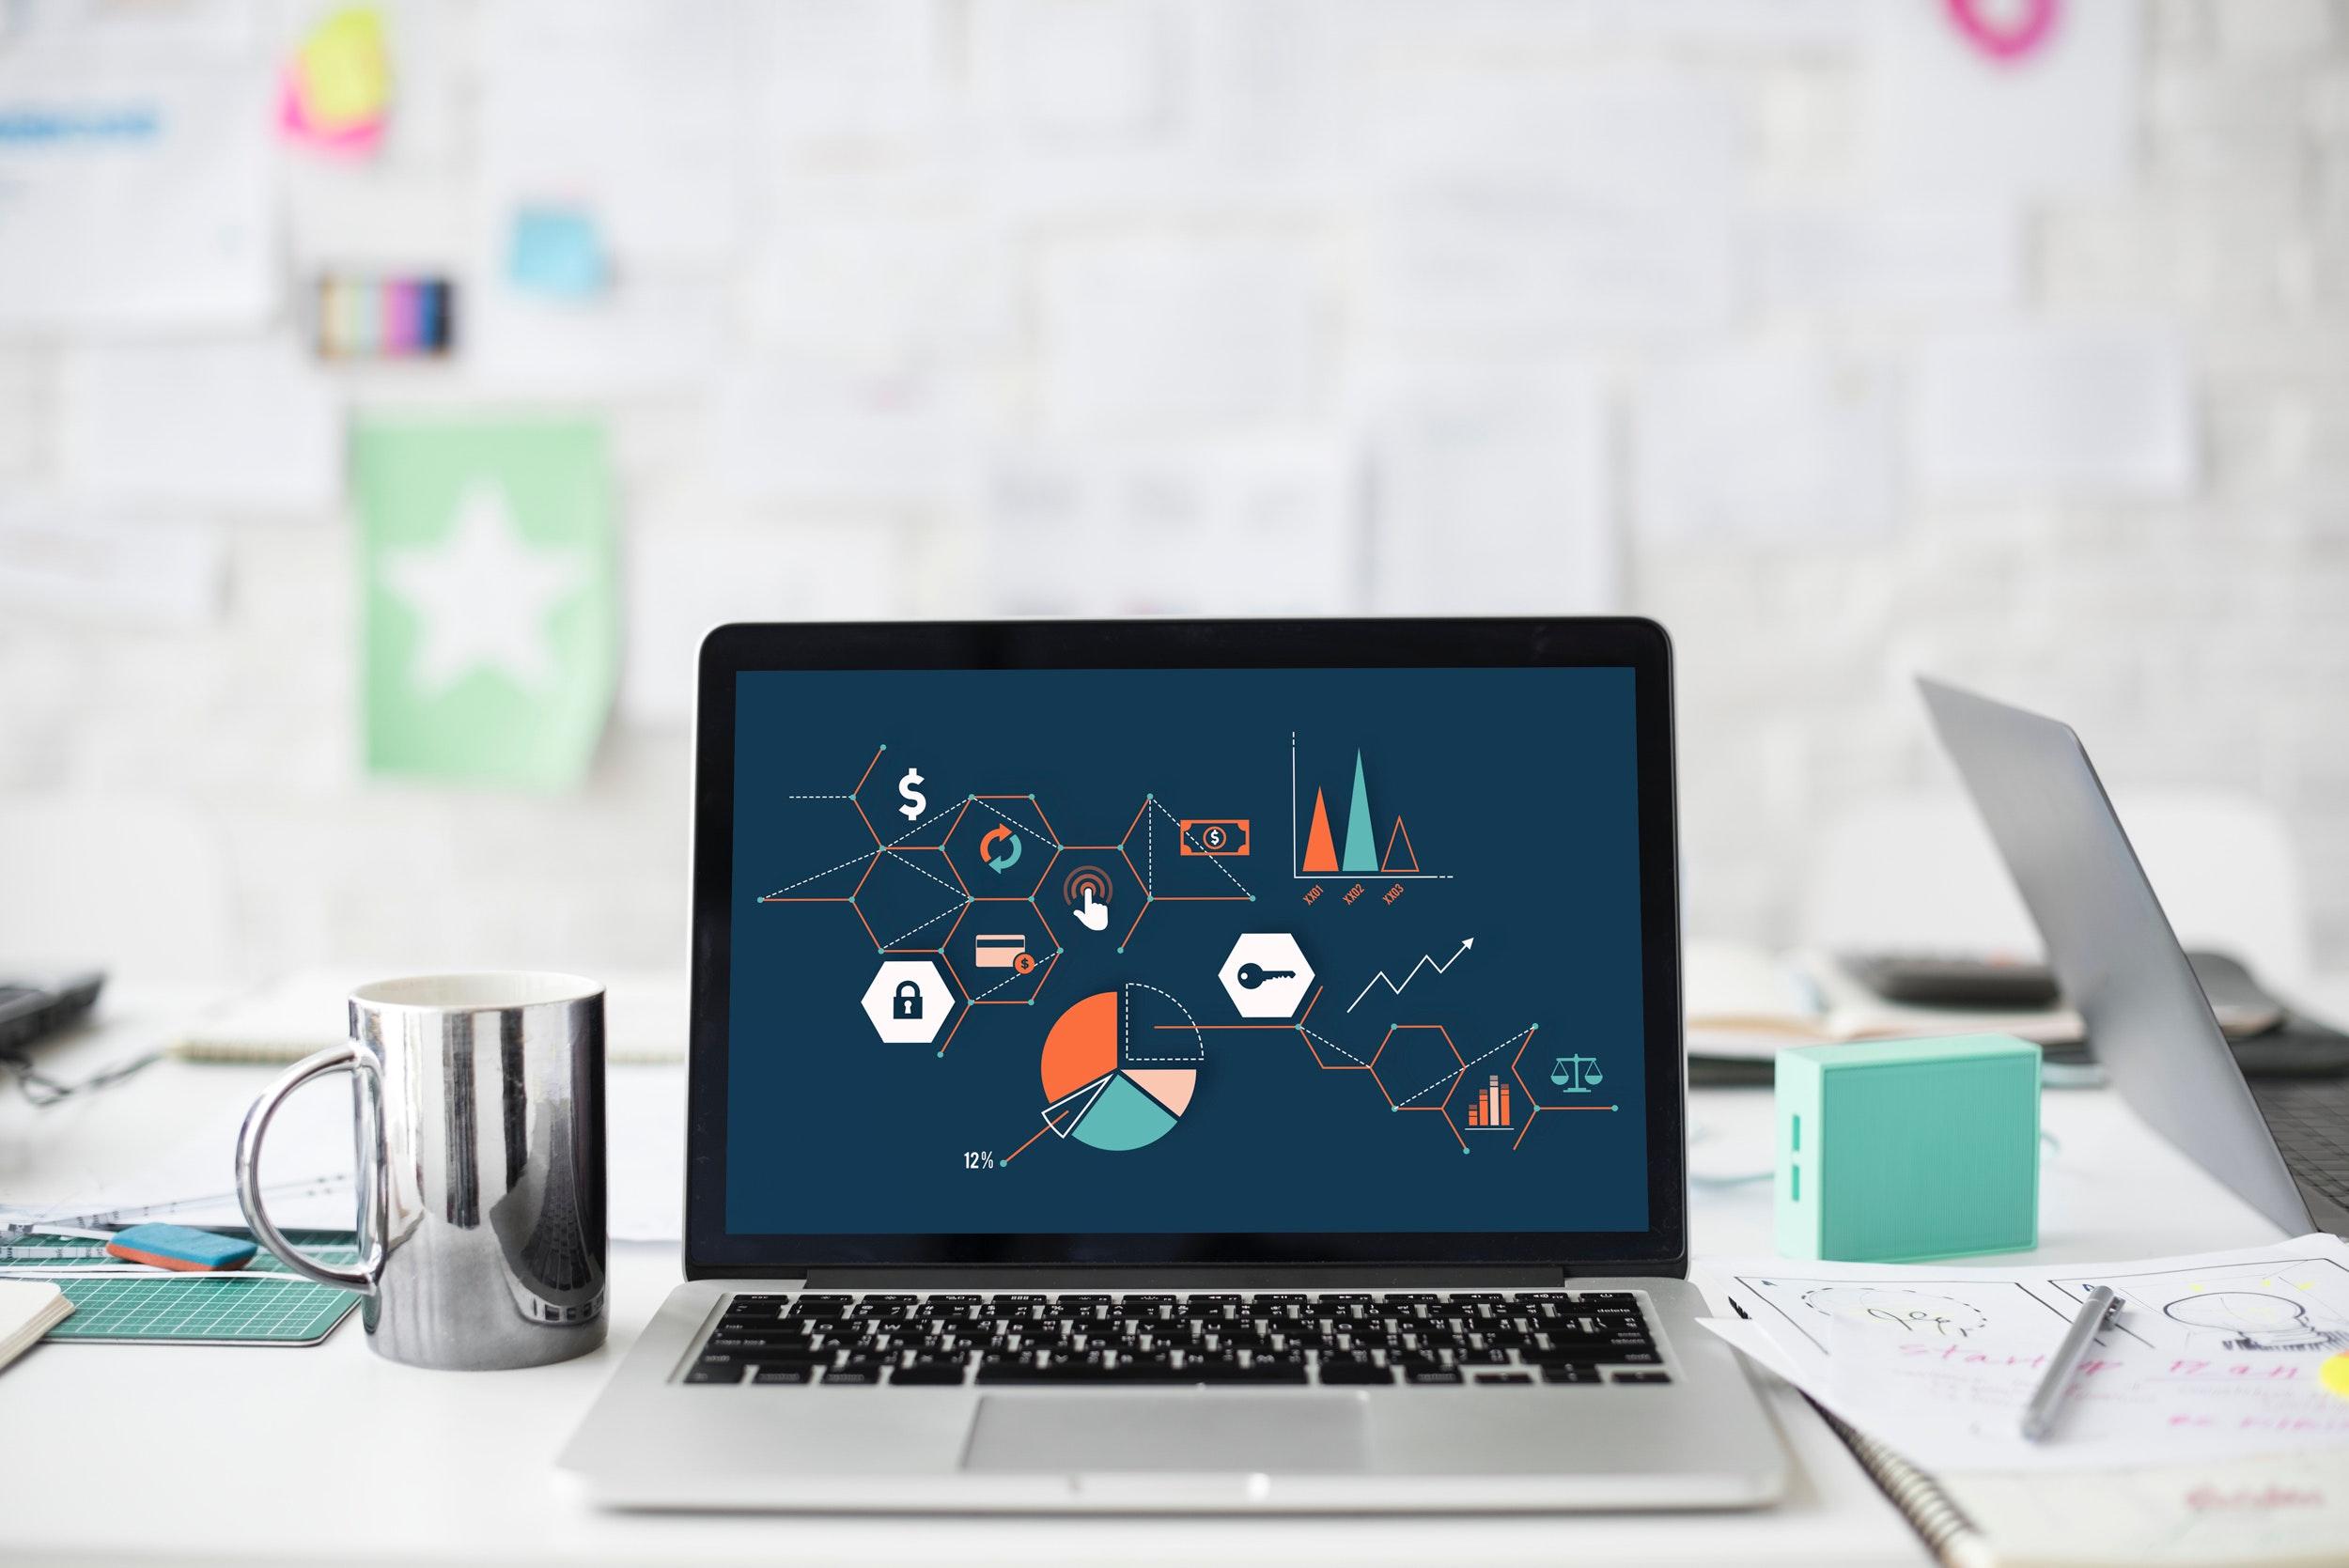 tecnologia-departamento-pessoal-pontomais-2018